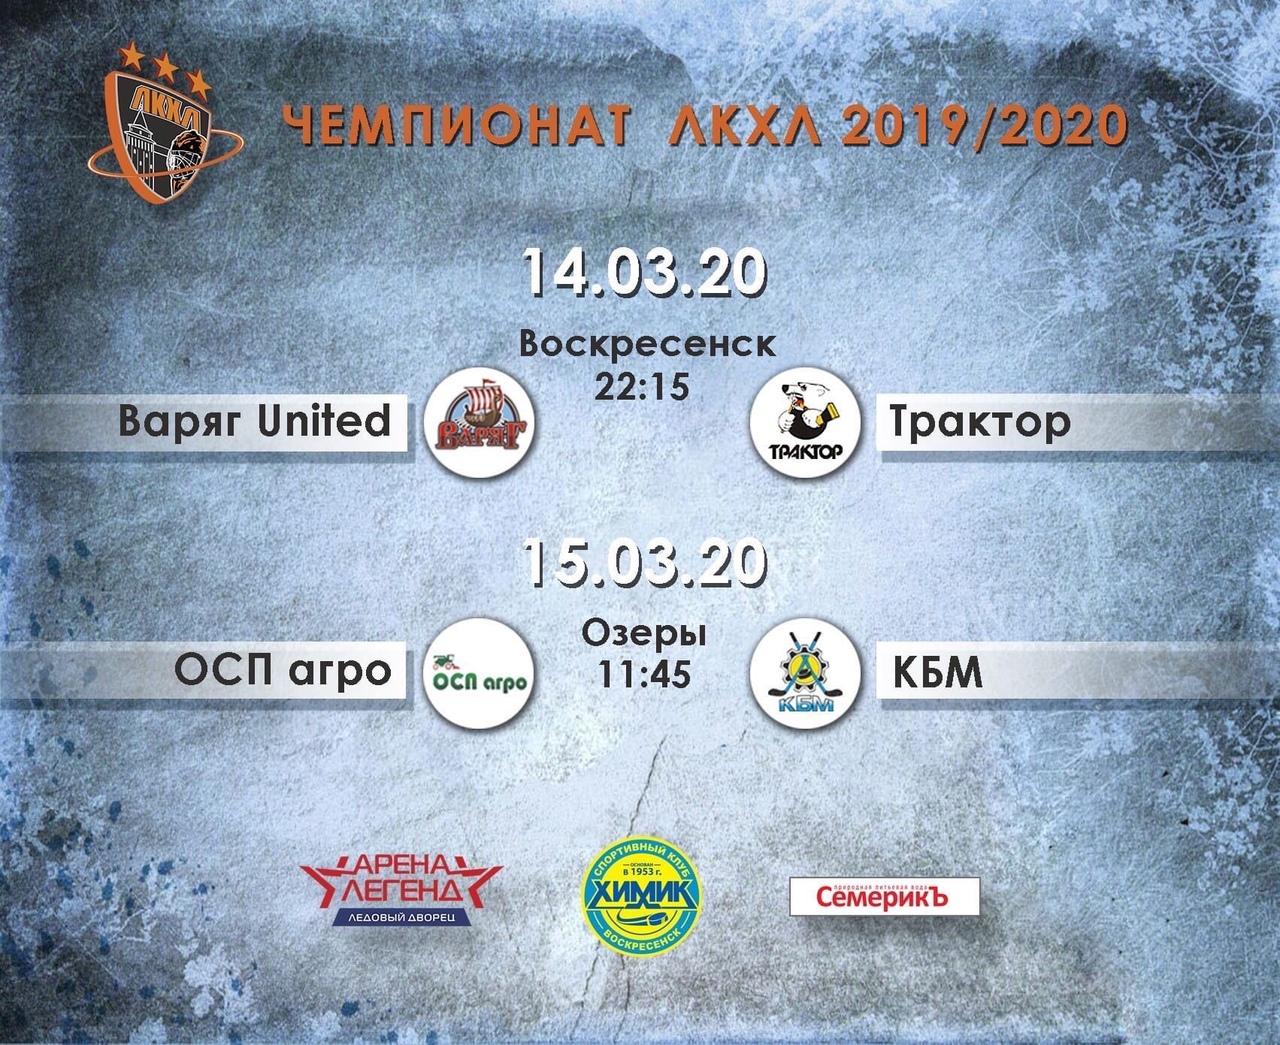 14 и 15 марта состоятся матчи финальной стадии плей-офф Чемпионата Любительской Коломенской хоккейной лиги сезона 2019/2020.